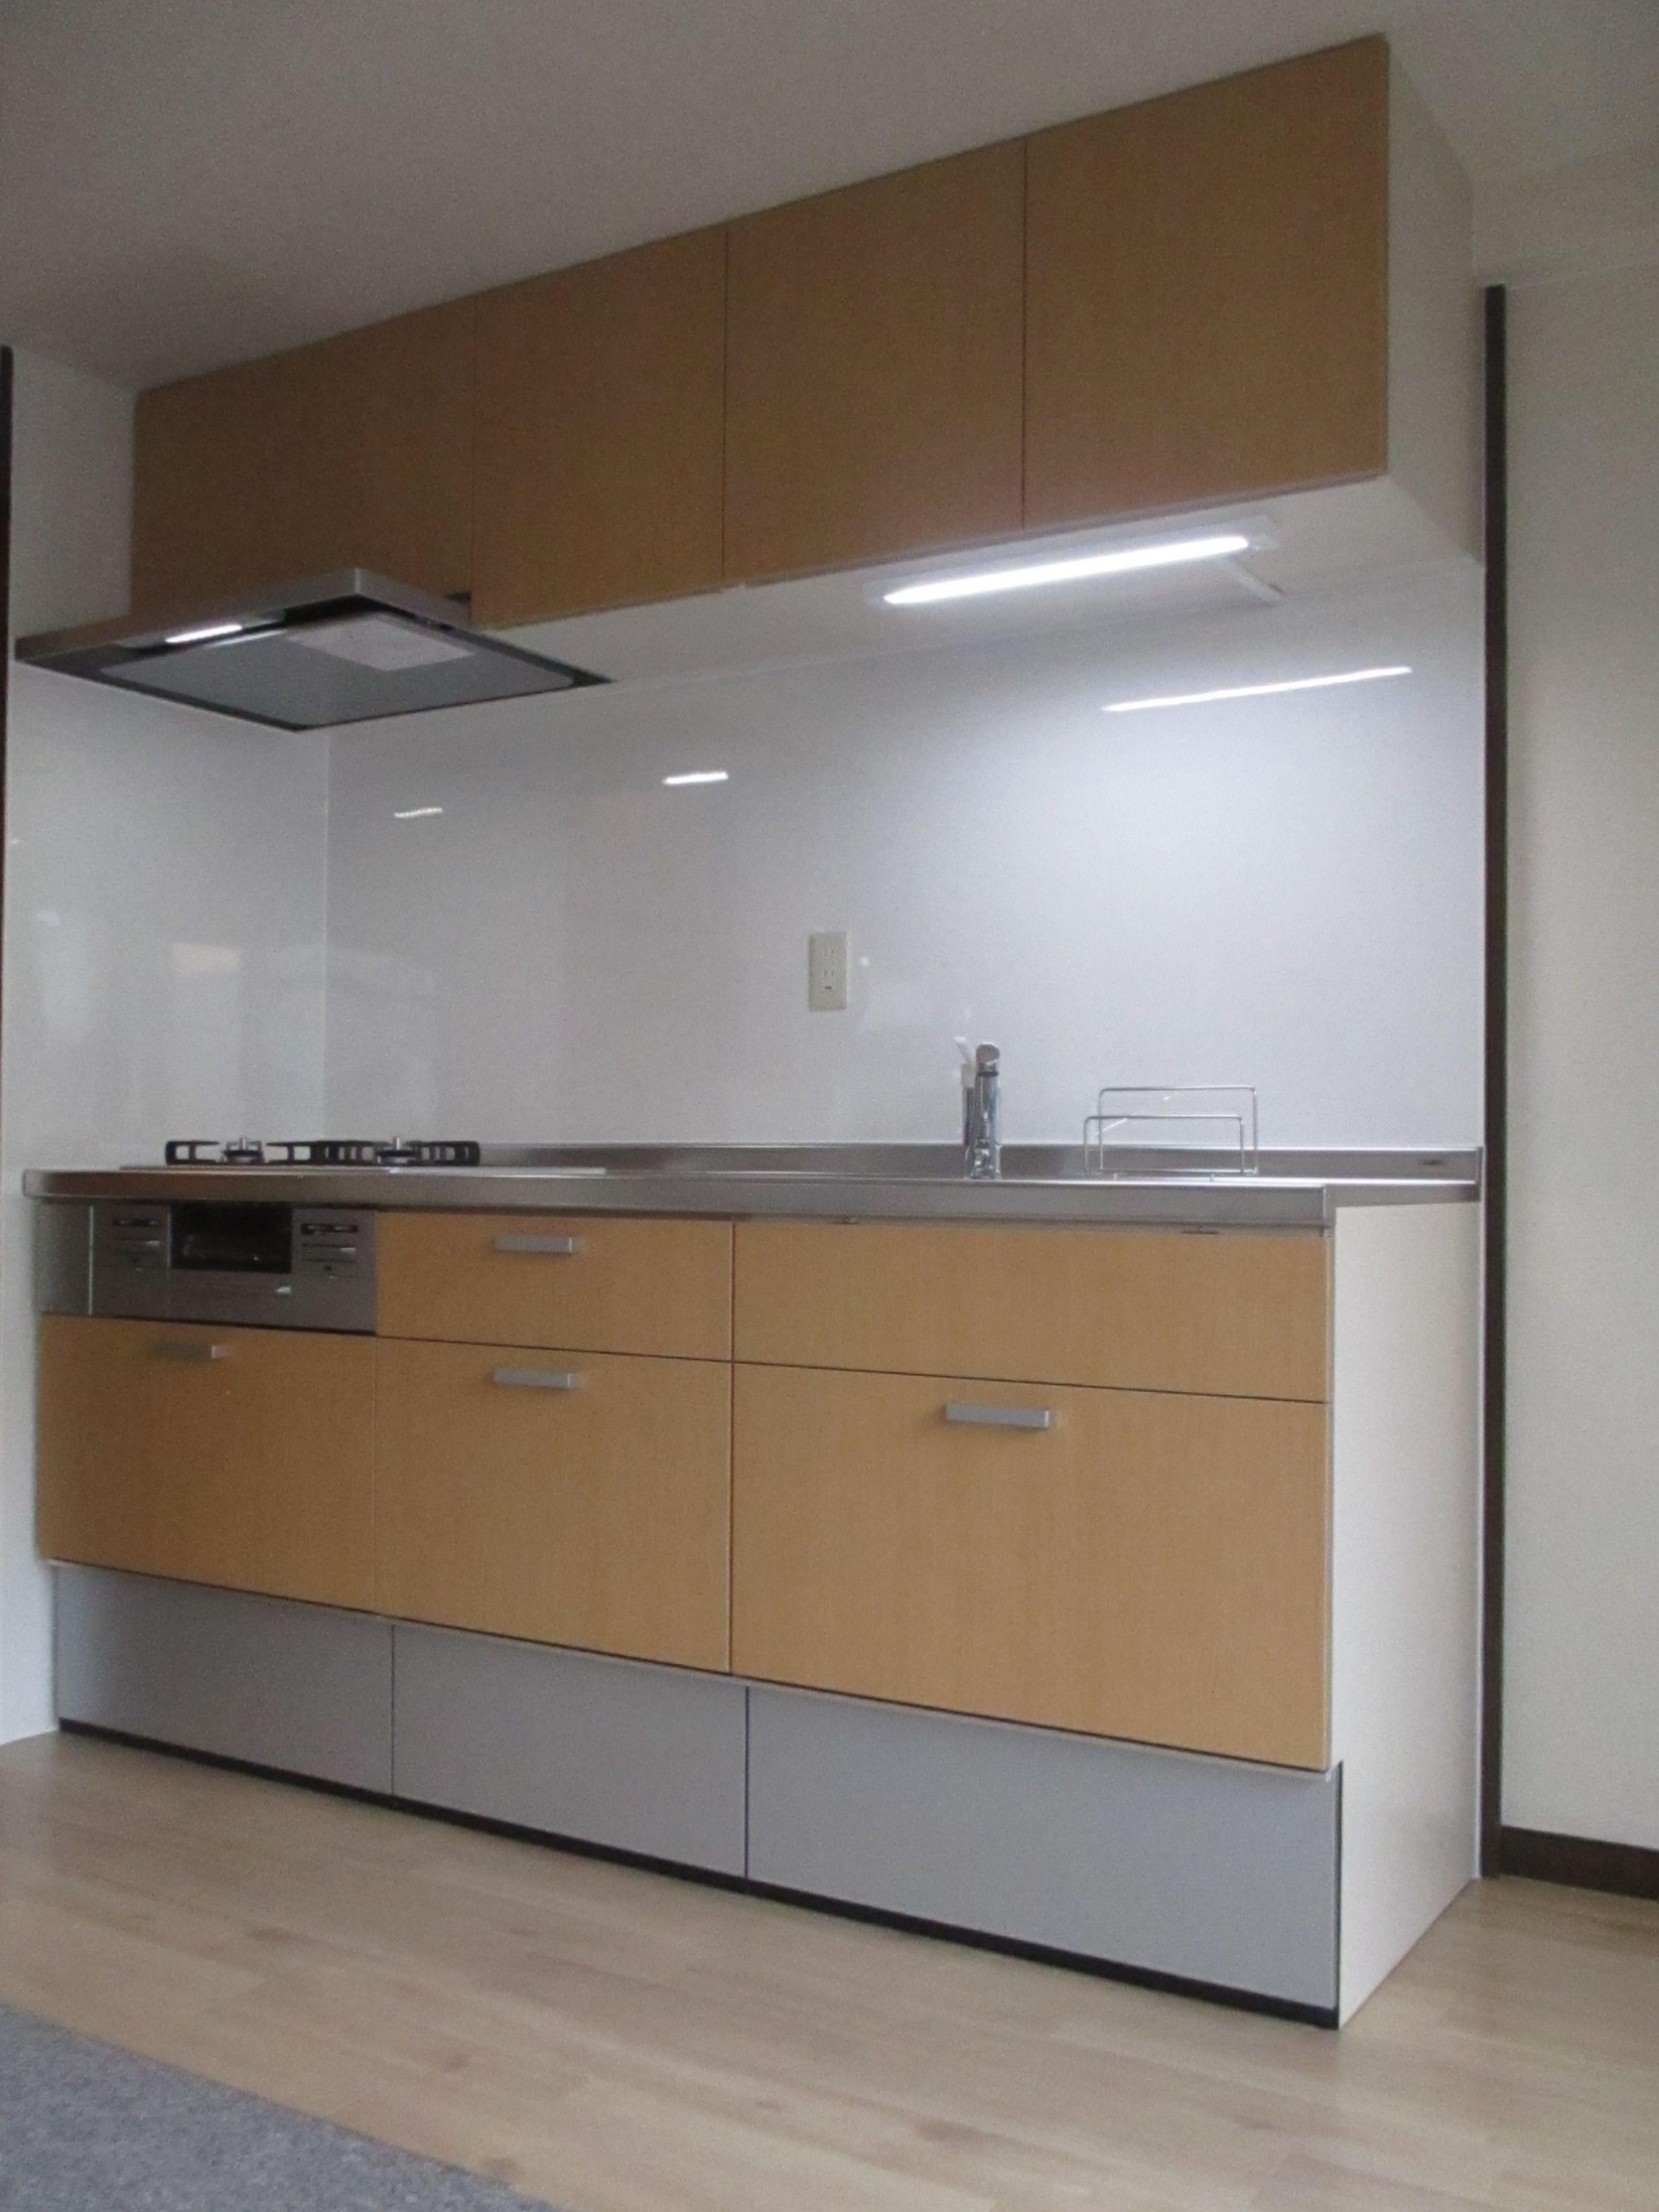 リクシルのキッチン シエラです 扉カラーはナチュラルチェリー キッチン リクシル Lixil シエラ ナチュラルチェリー キッチンインテリアデザイン キッチン リクシル